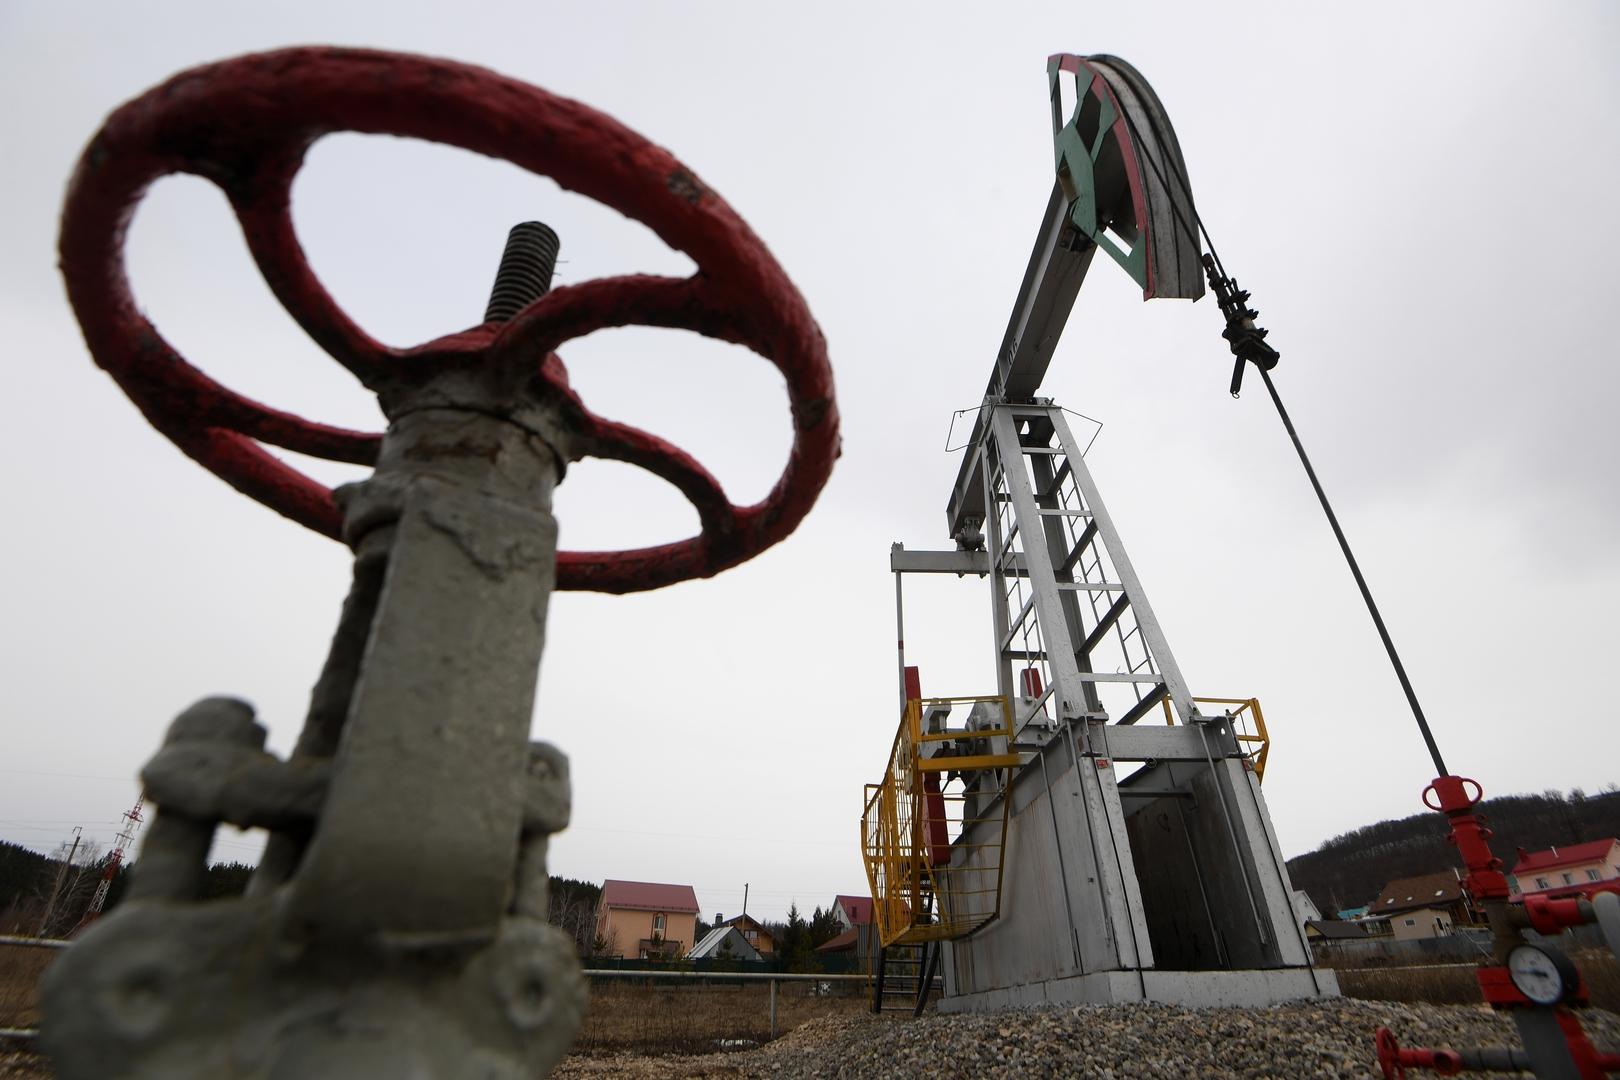 من أين أتى النفط؟ وهل حقا أن نهايته قريبة؟